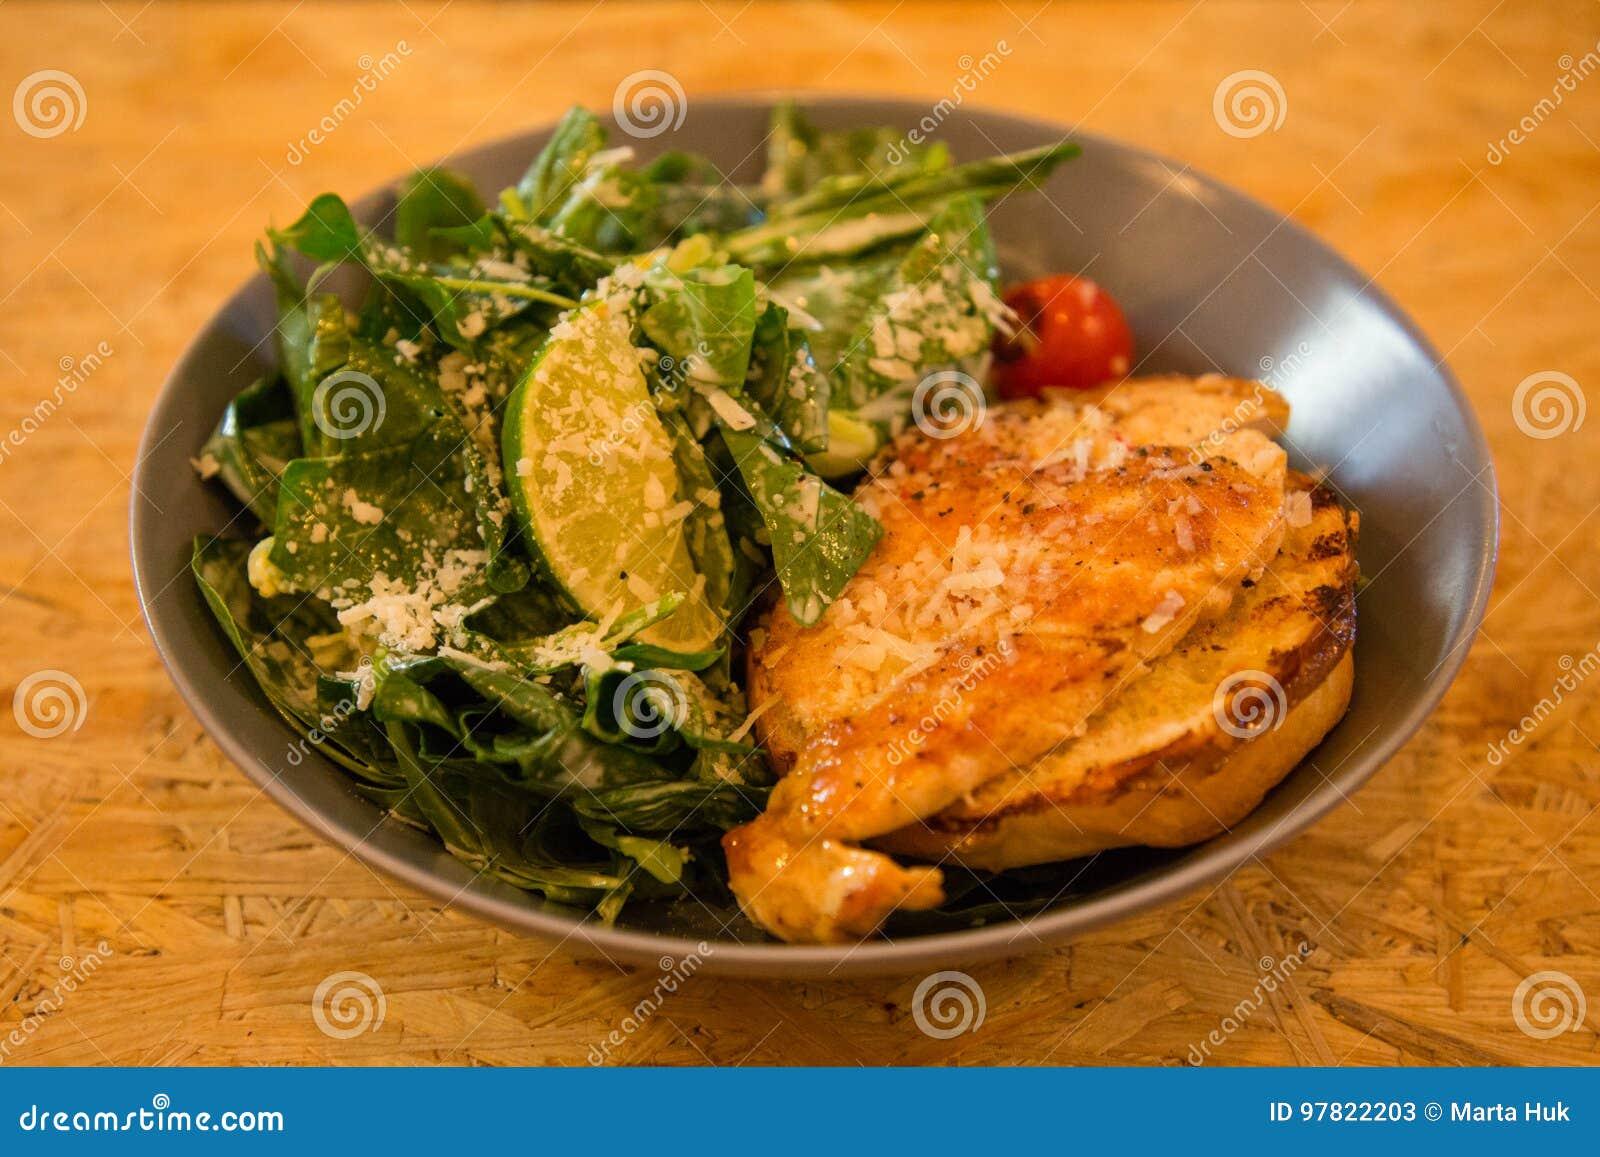 Kurczak piec na grillu sałatki na talerzu z cytryną i warzywami